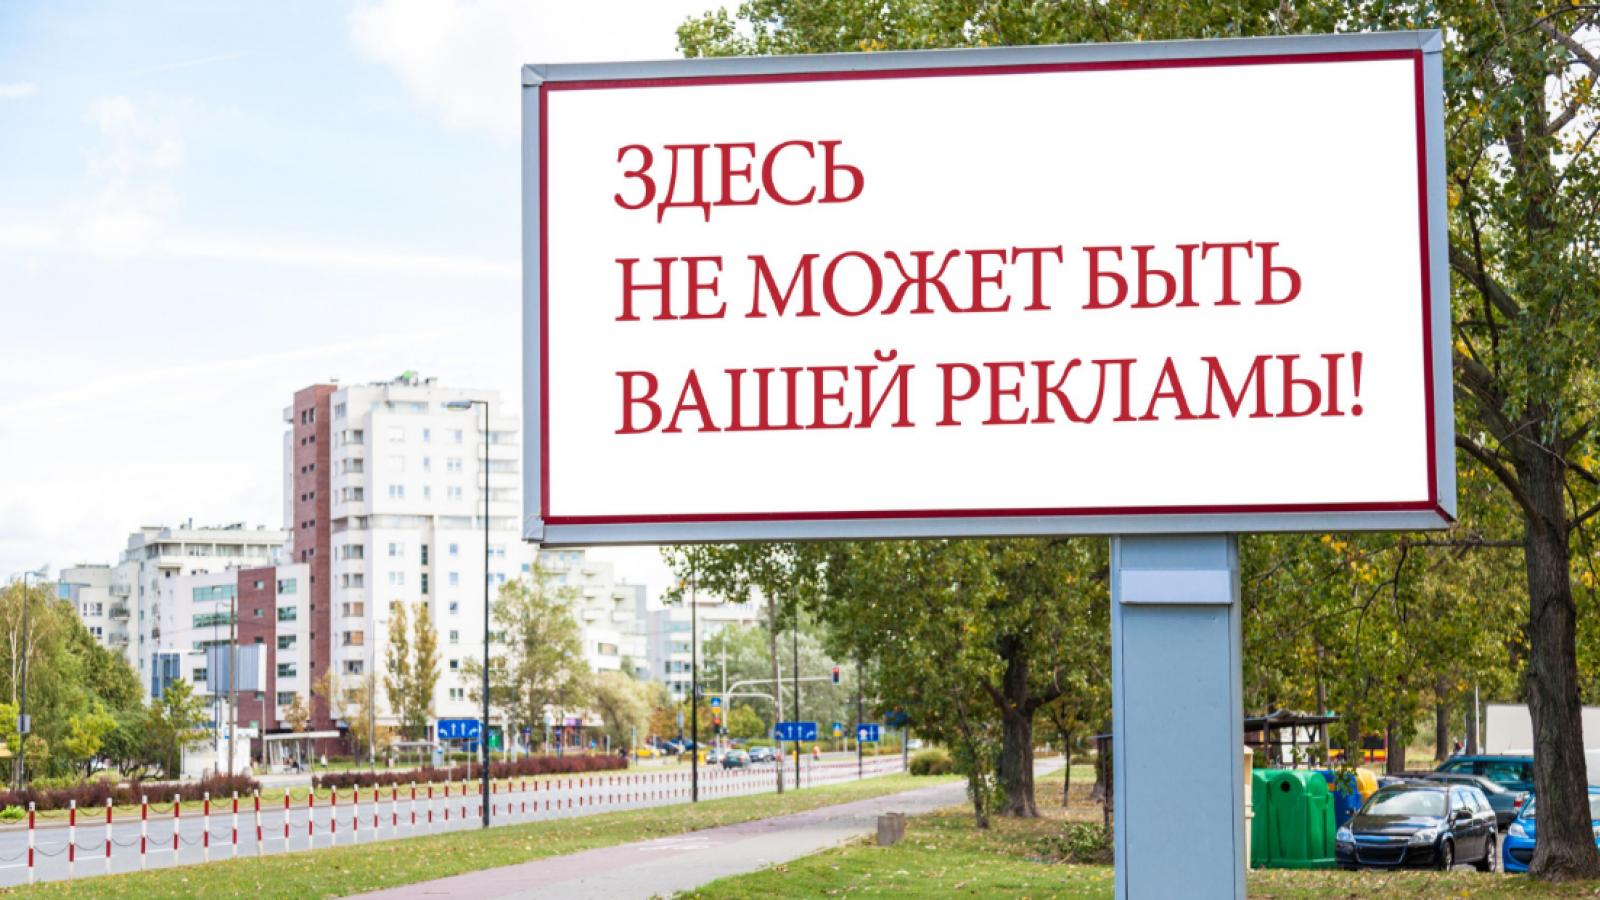 Череповецкое турагенство оштрафовали на 2 тысячи за обещание «самых выгодных цен»